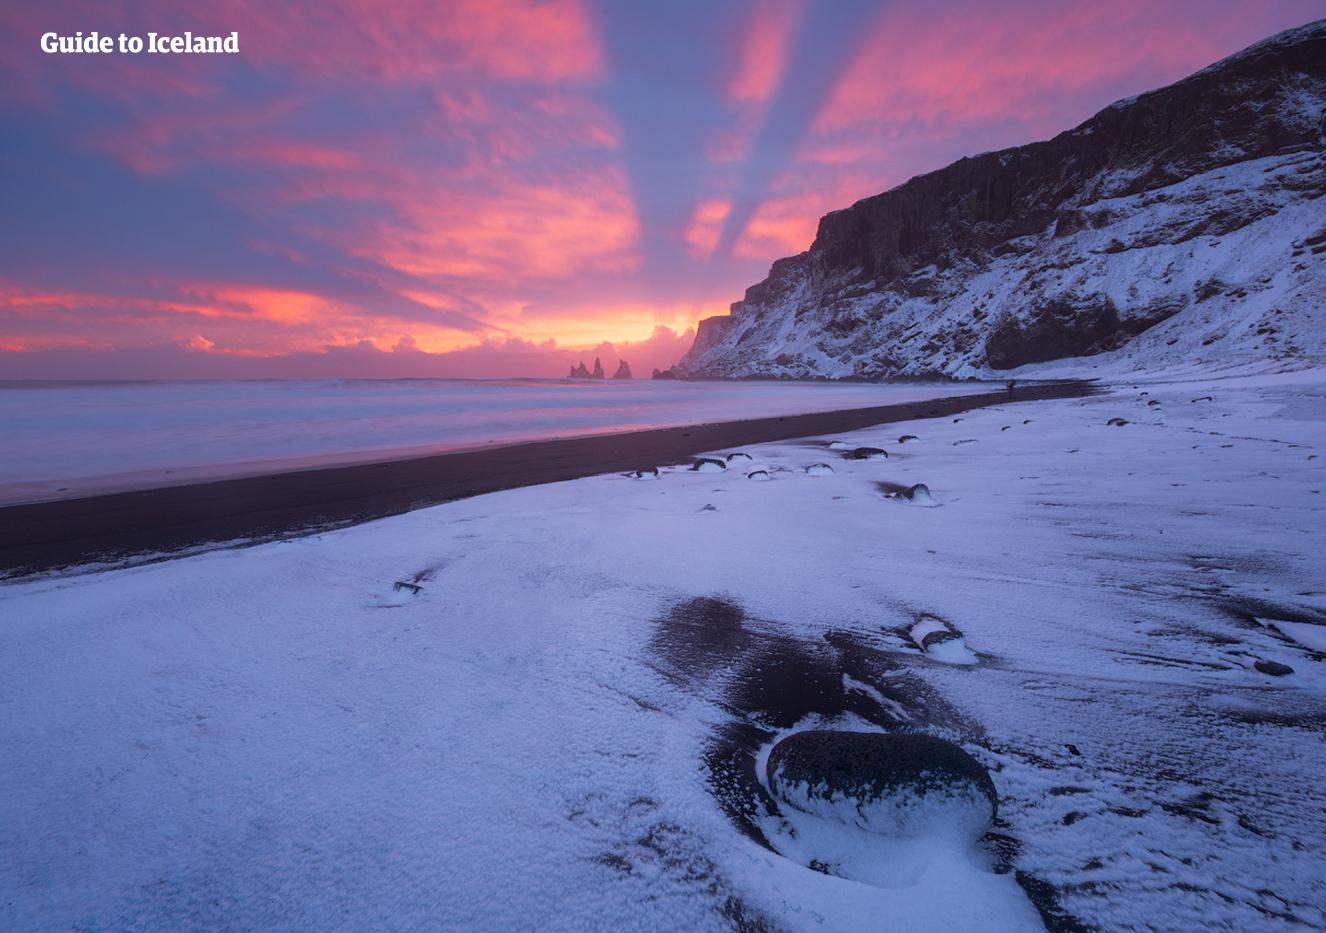 Den svarta sandstranden Reynisfjara under vintern.